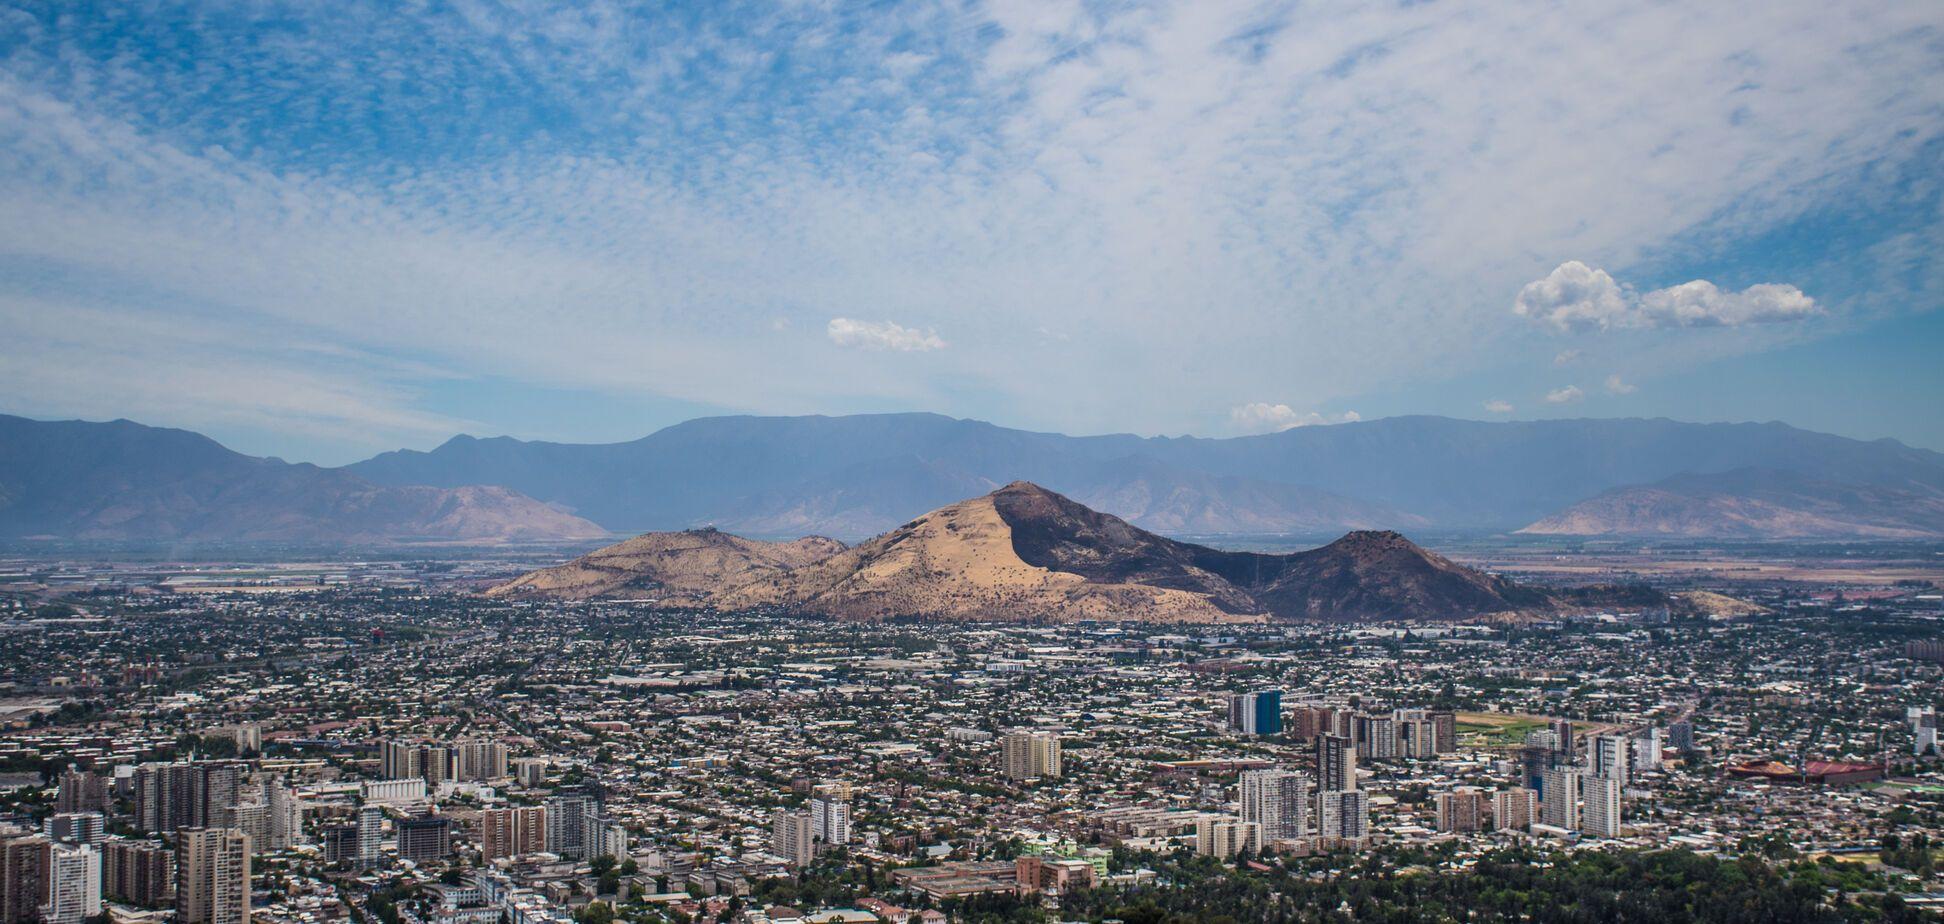 Загублений у горах: розповідь українки про казкове місце в Південній Америці